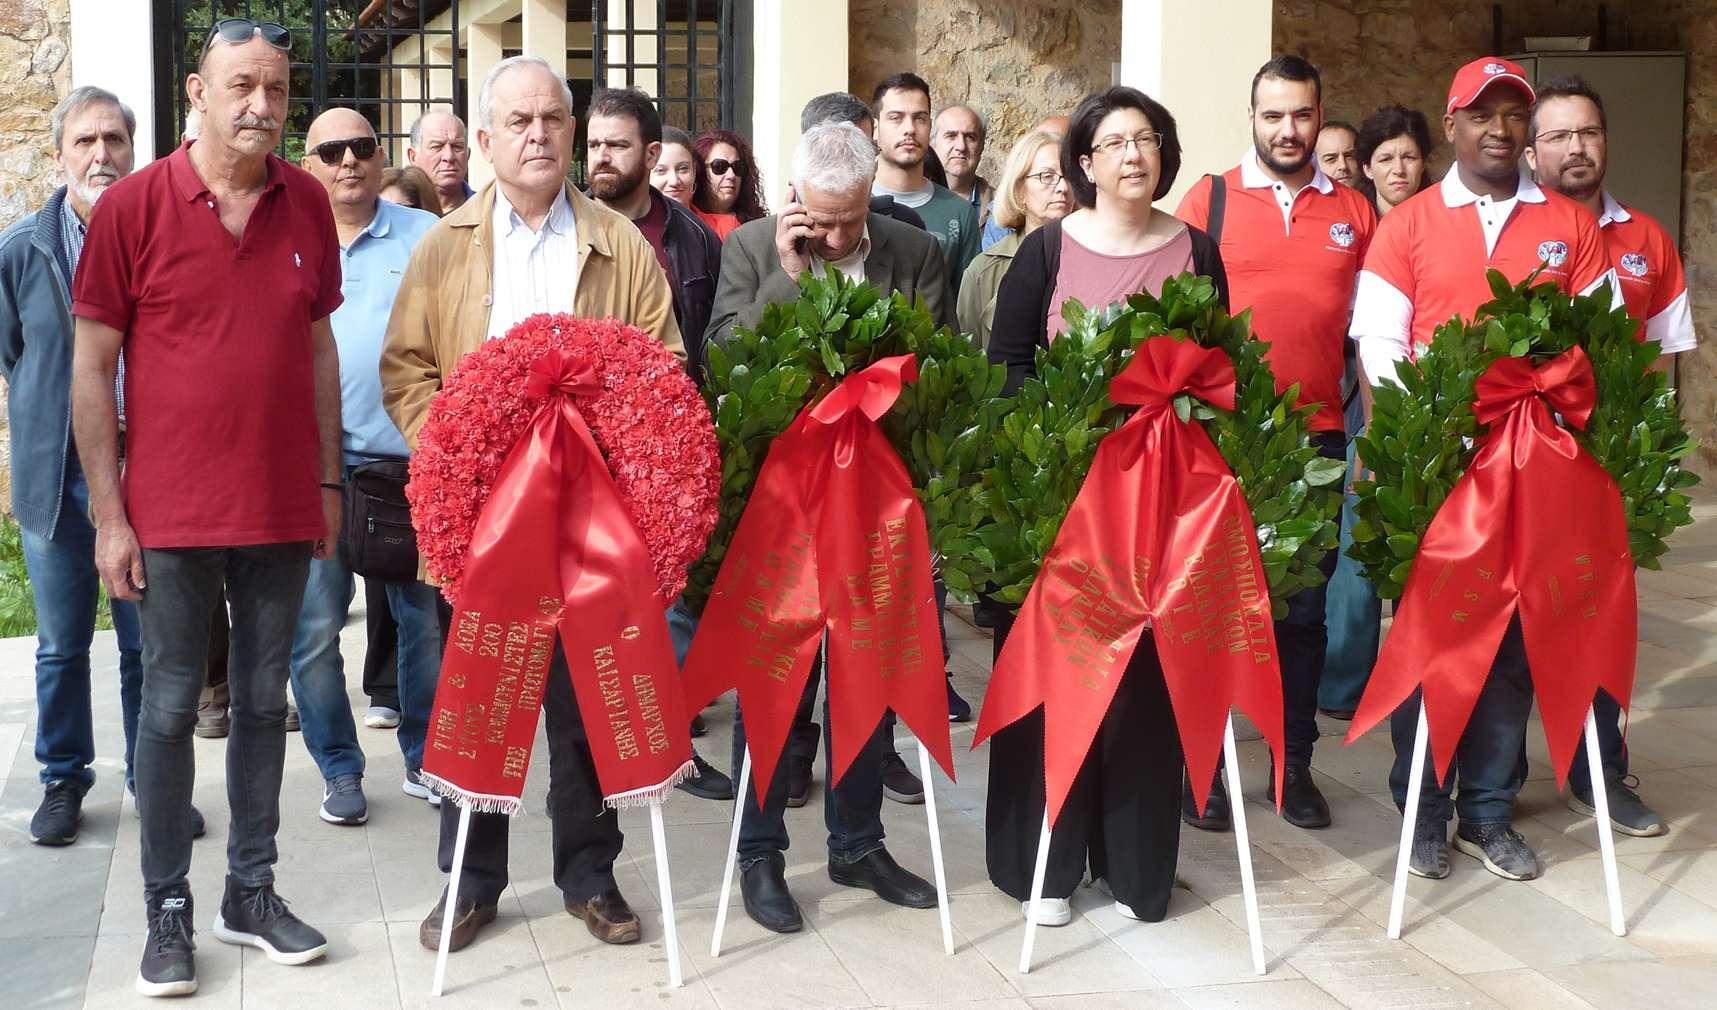 Αντιπροσωπεία του δήμου με επί κεφαλής το δήμαρχο και εκ νέου υποψήφιο με τη Λαϊκή Συσπείρωση Ηλία Σταμέλο, της Εκτελεστικής Γραμματείας του ΠΑΜΕ -με επί κεφαλής το Δήμο Κουμπούρη, της Παγκόσμιας Συνδικαλιστικής Ομοσπονδίας, της ΟΓΕ και πολλών άλλων μαζικών φορέων και οργανώσεων